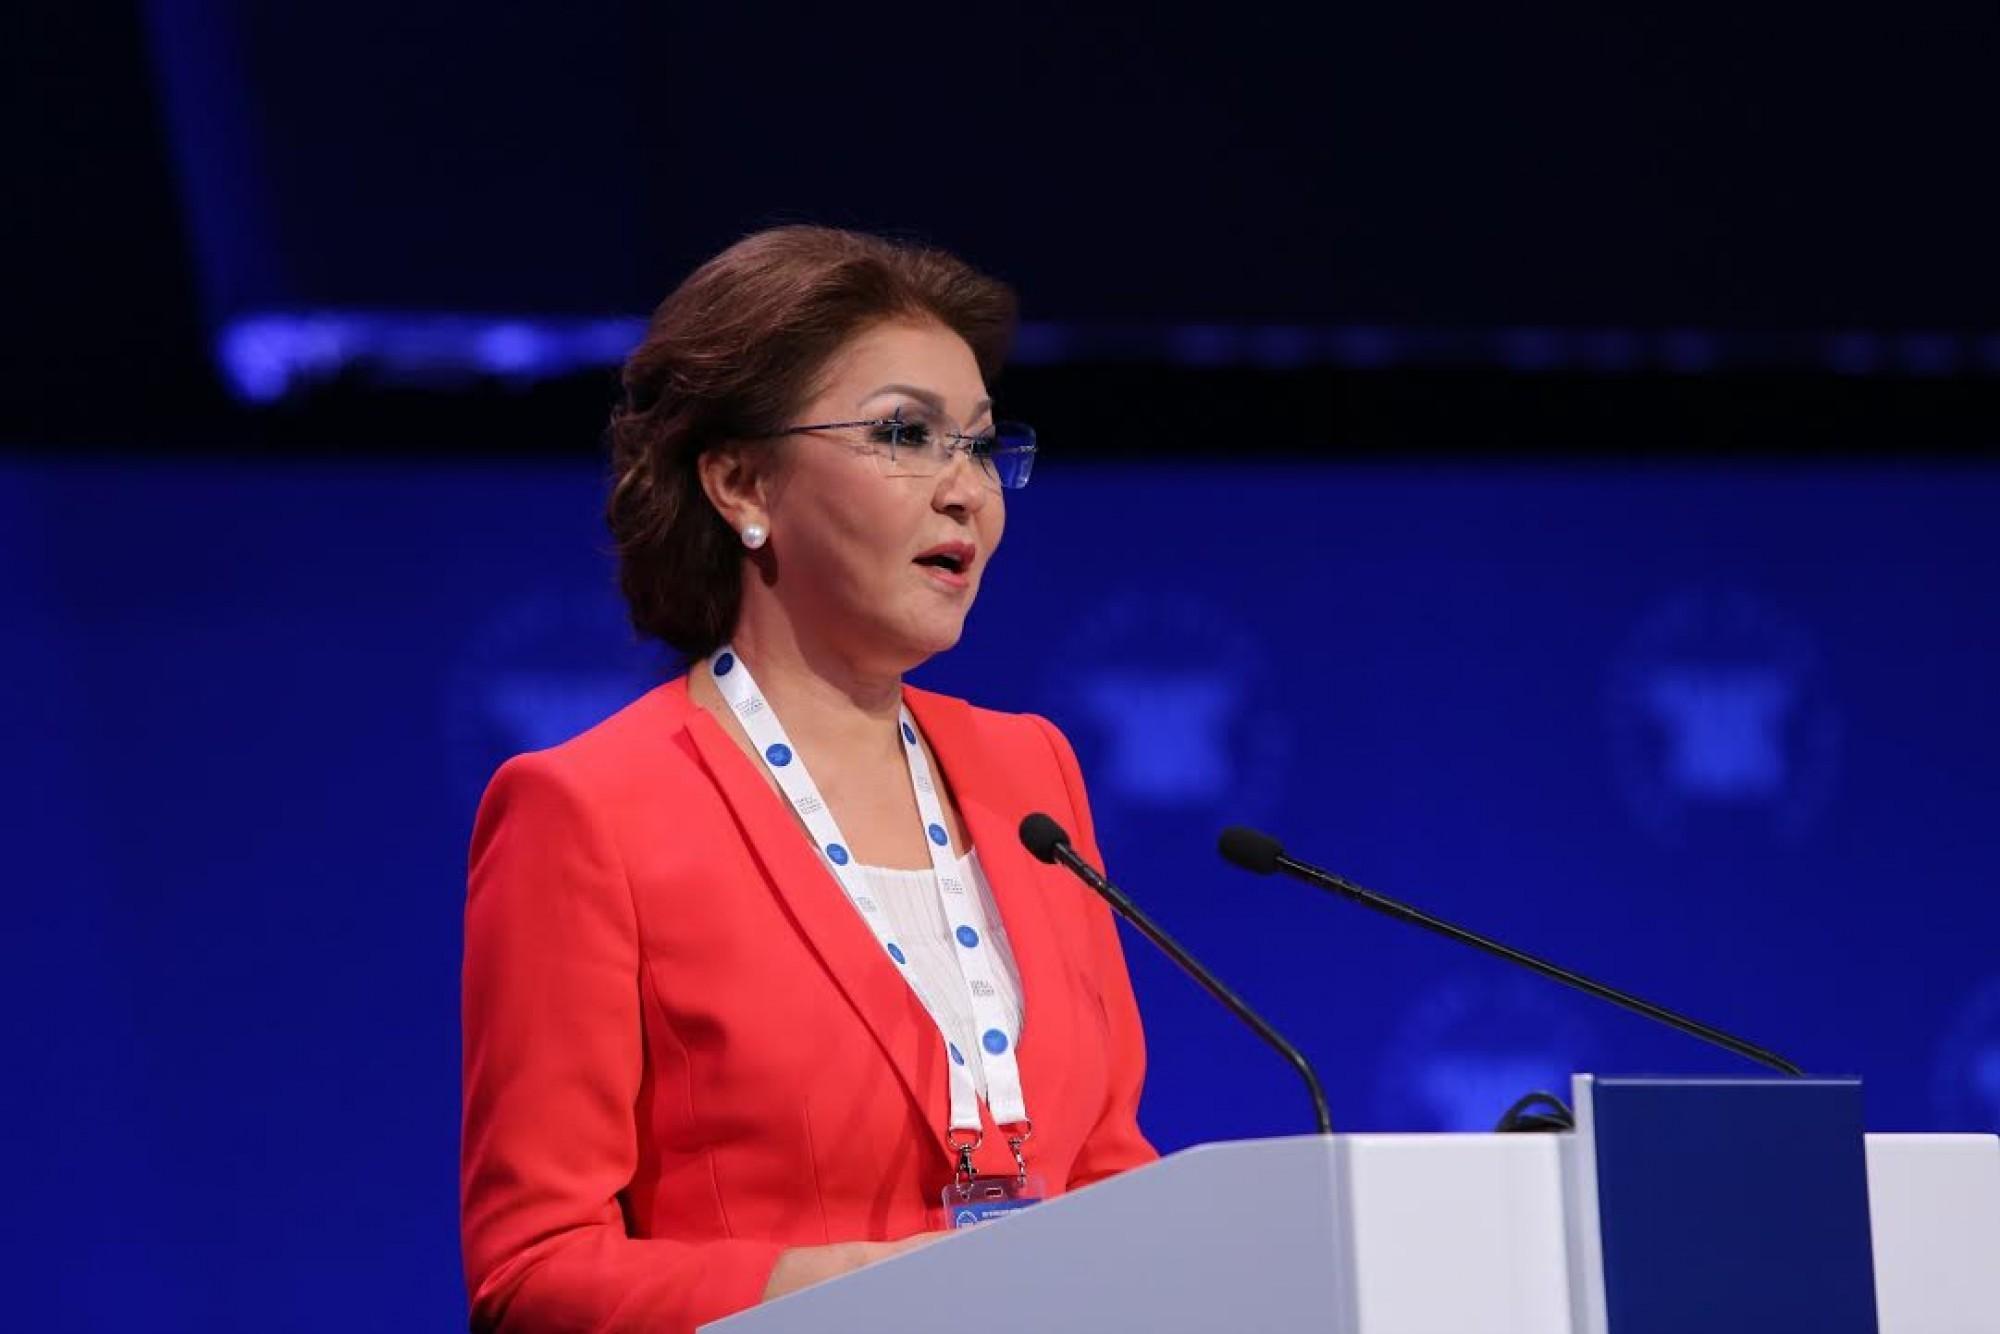 В Казахстане предлагают создать национальный водный совет при президенте и агентство по водным ресурсам при правительстве